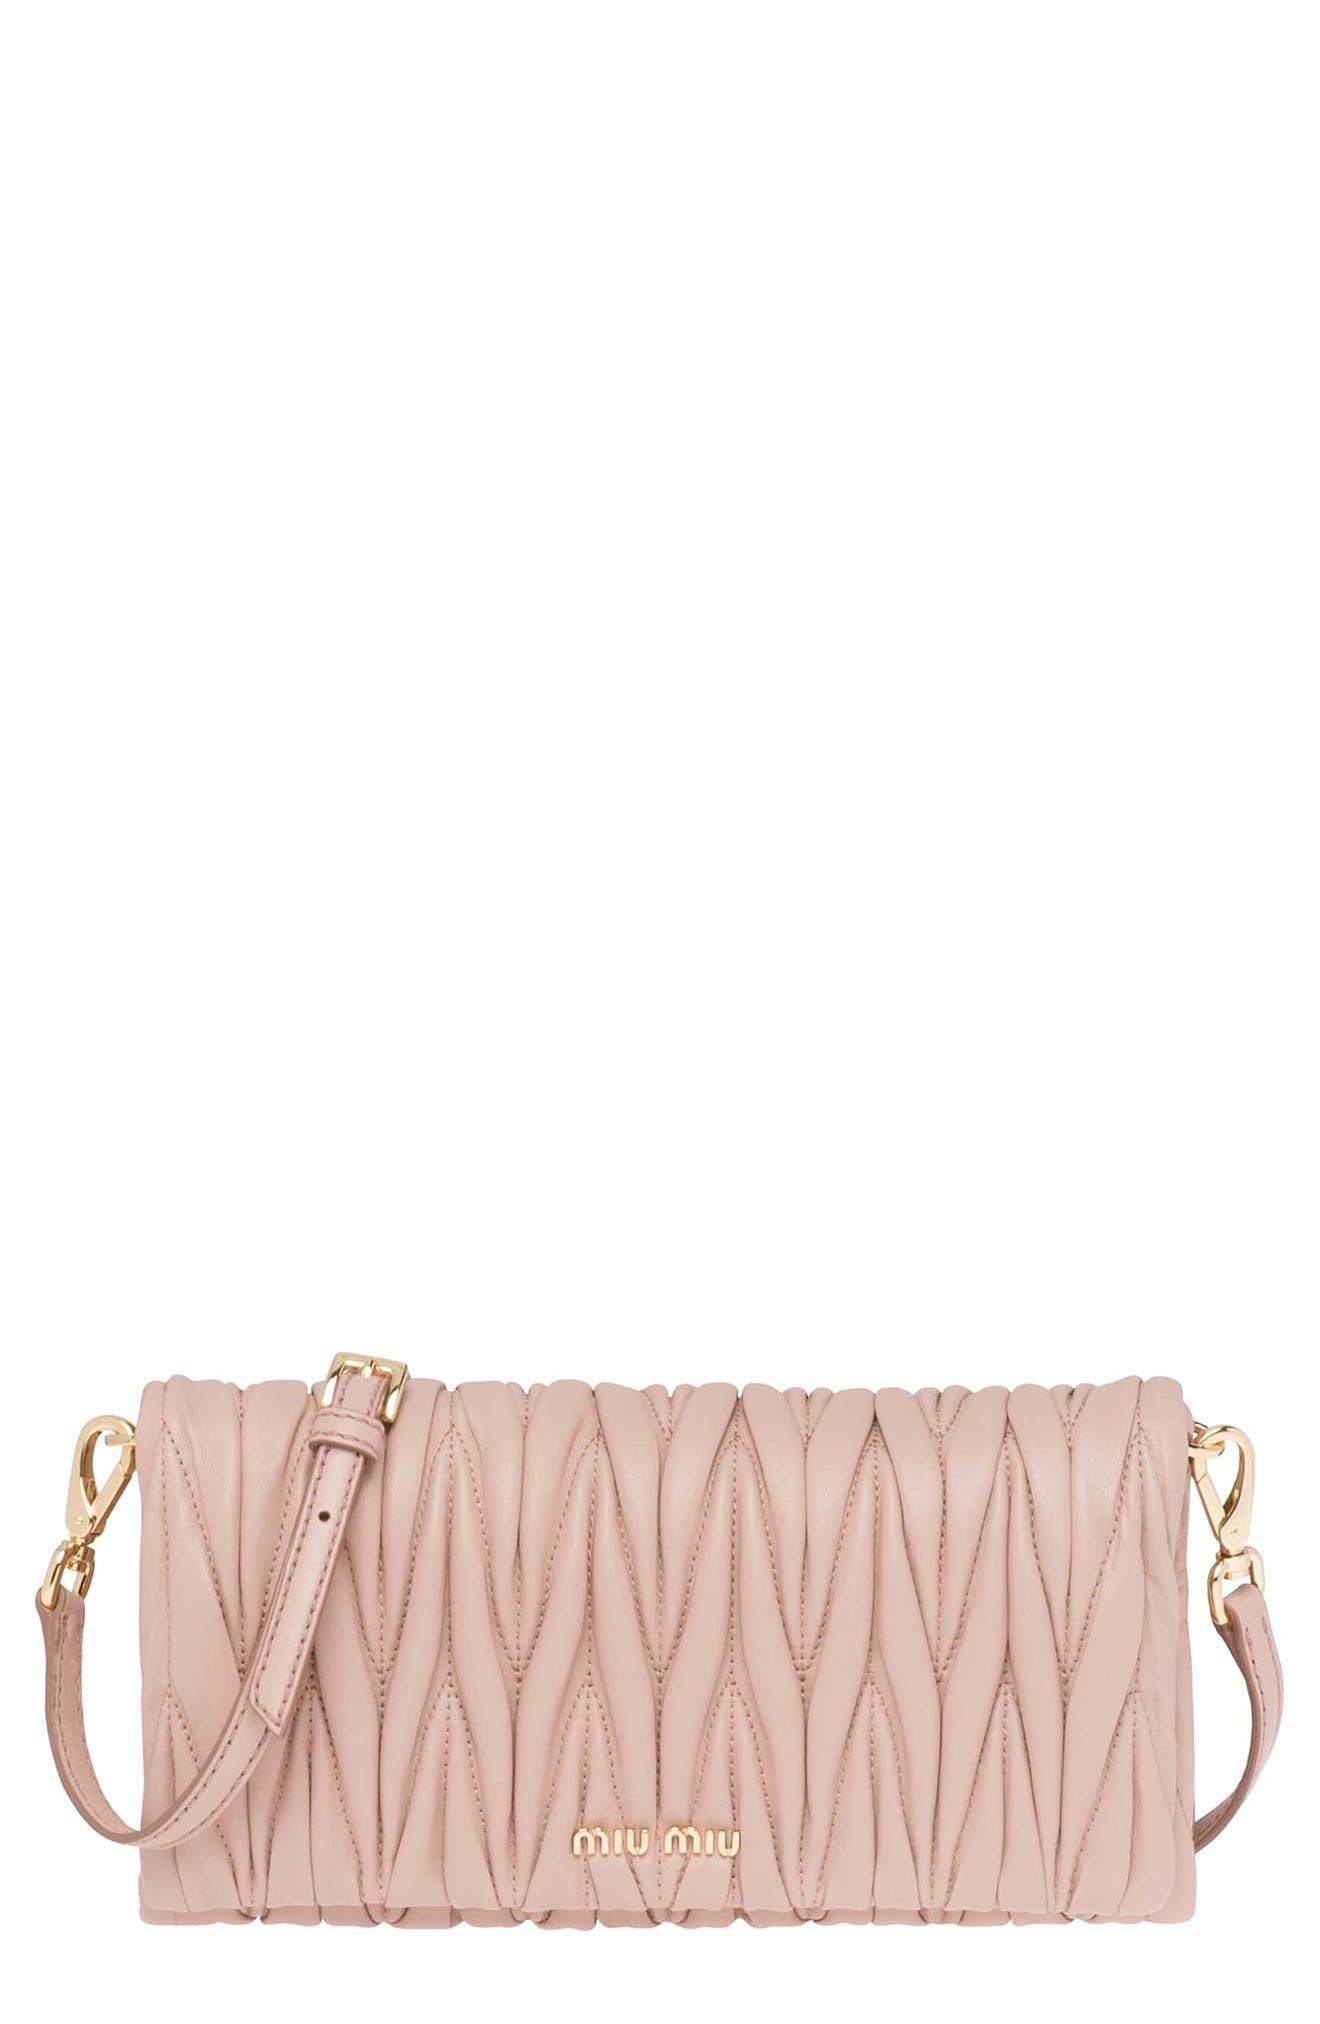 Bags Miu Miu for Women  b3a2b2025fbe4